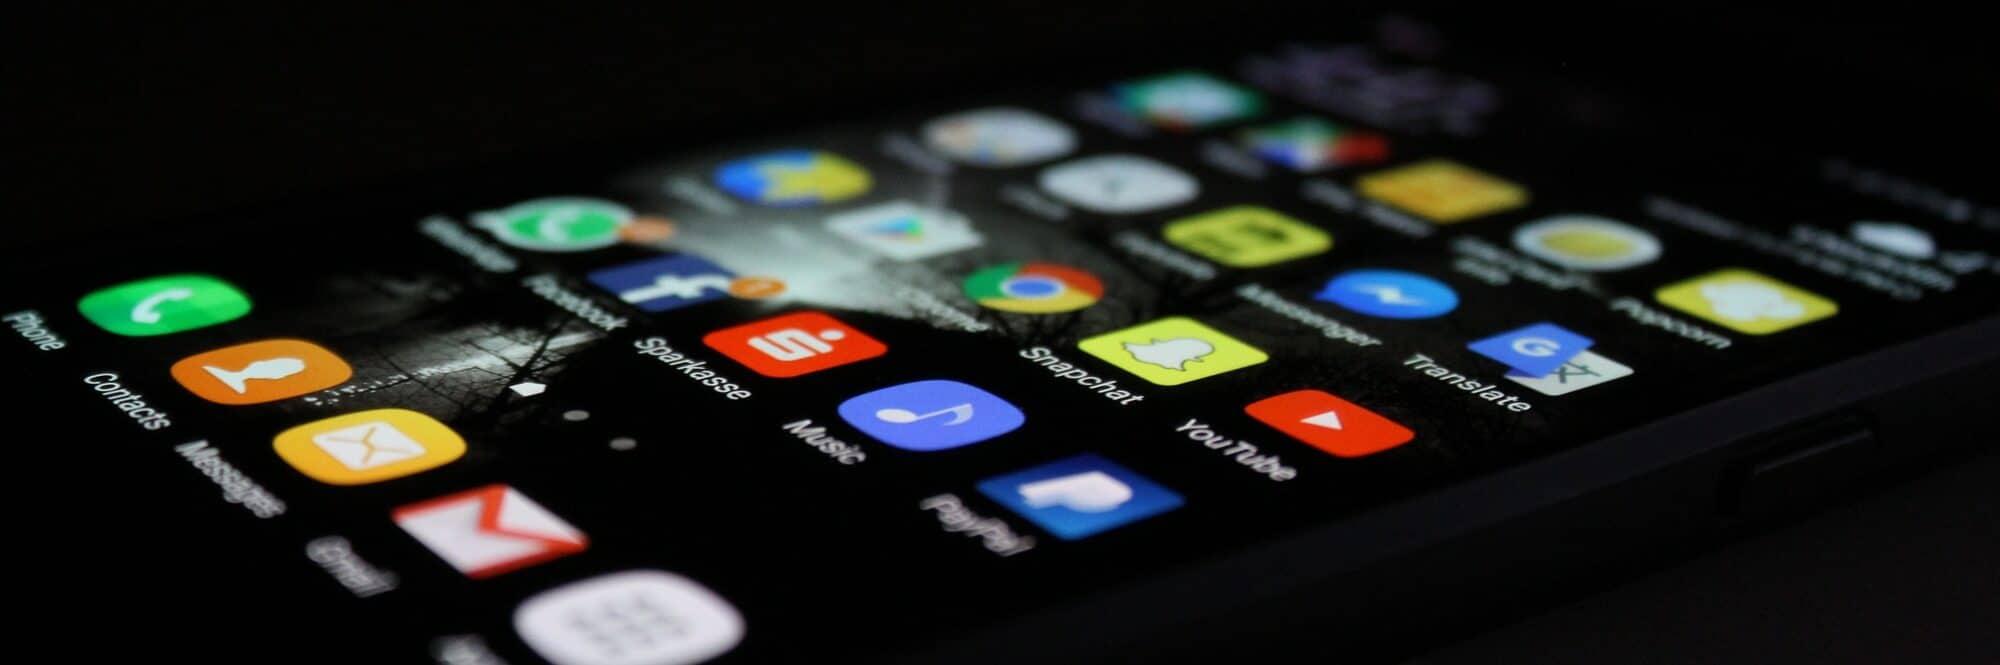 Datenleck betrifft mehr als 100 Millionen Android-Nutzer